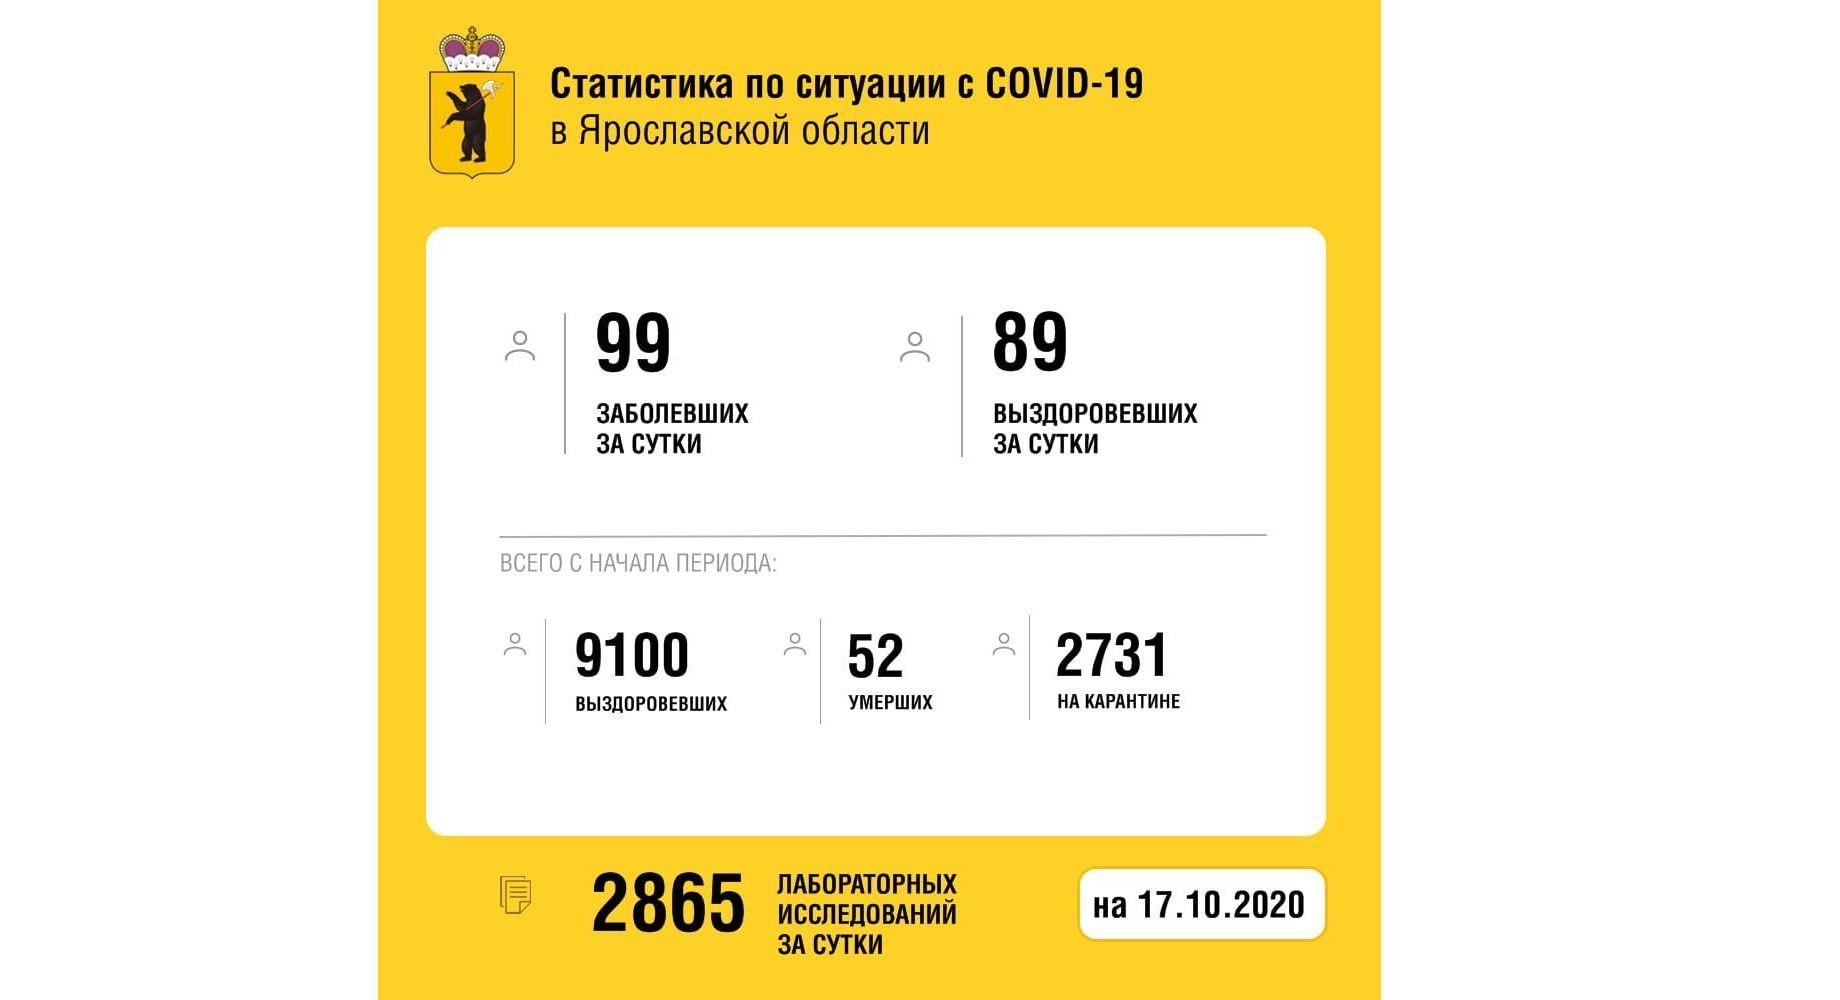 Еще 89 жителей Ярославской области вылечили от коронавируса